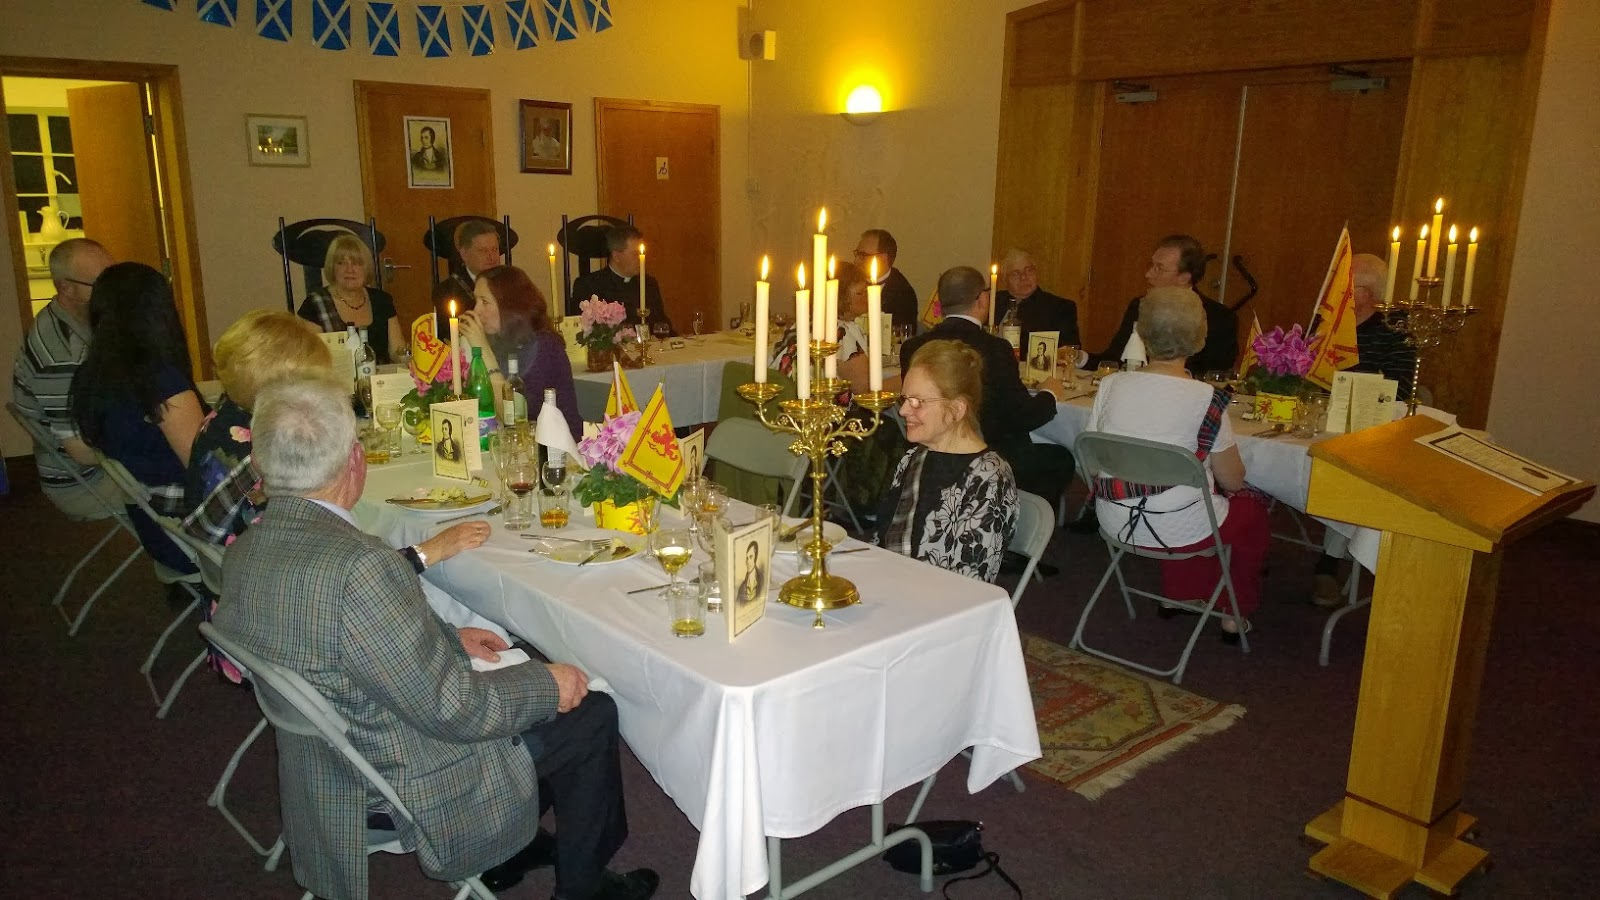 Burnsu0027 Night Supper & Offerimus Tibi Domine: Burnsu0027 Night Supper